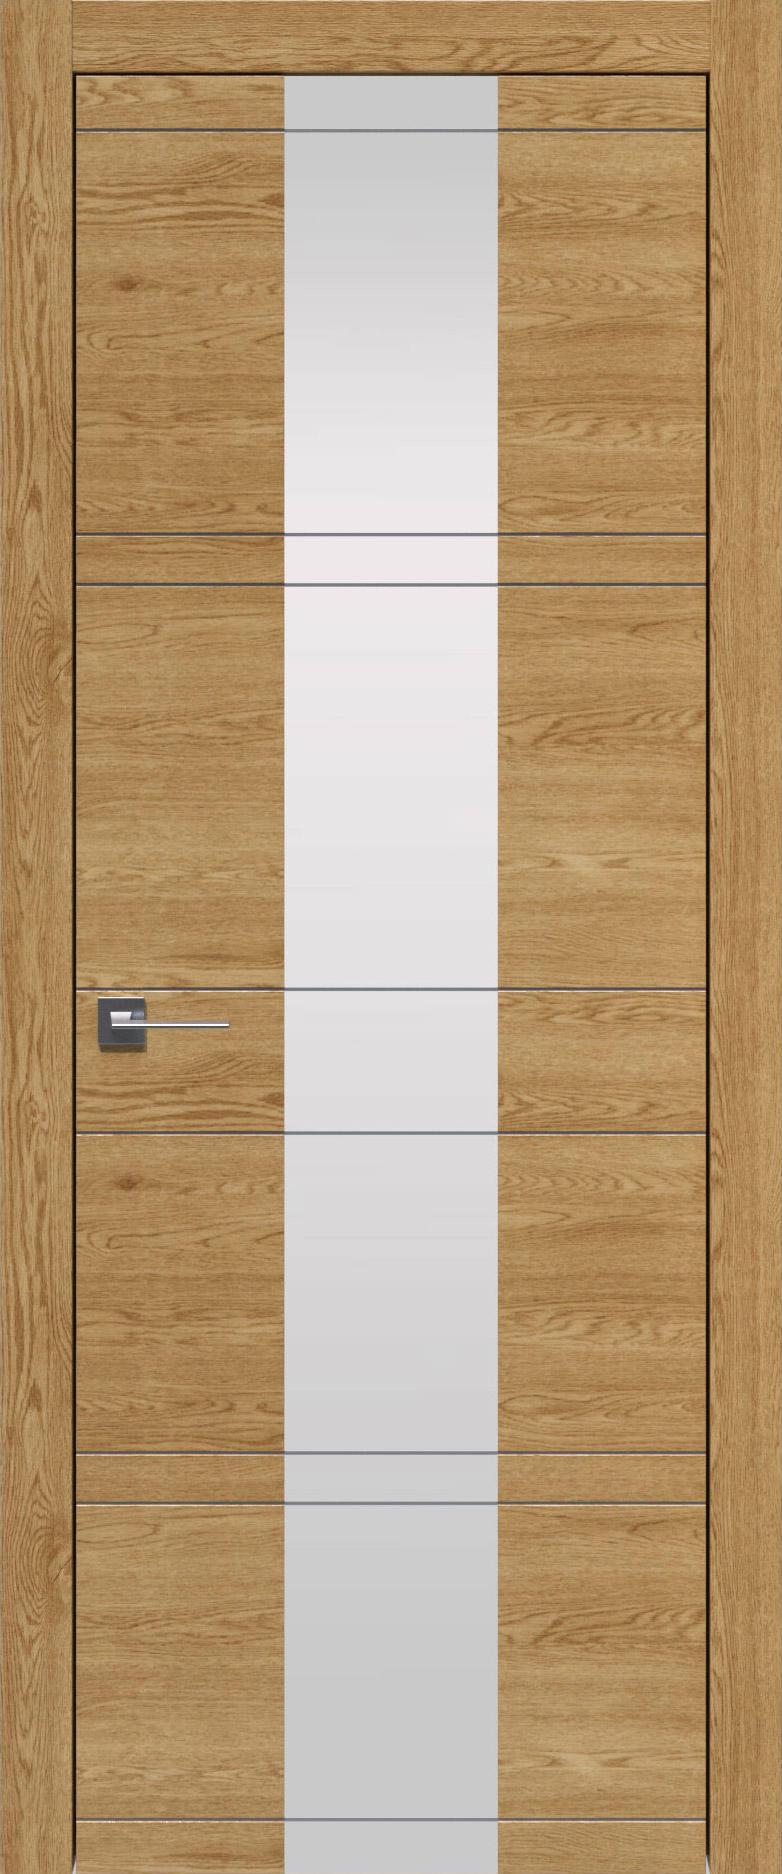 Tivoli Ж-2 цвет - Дуб натуральный Со стеклом (ДО)